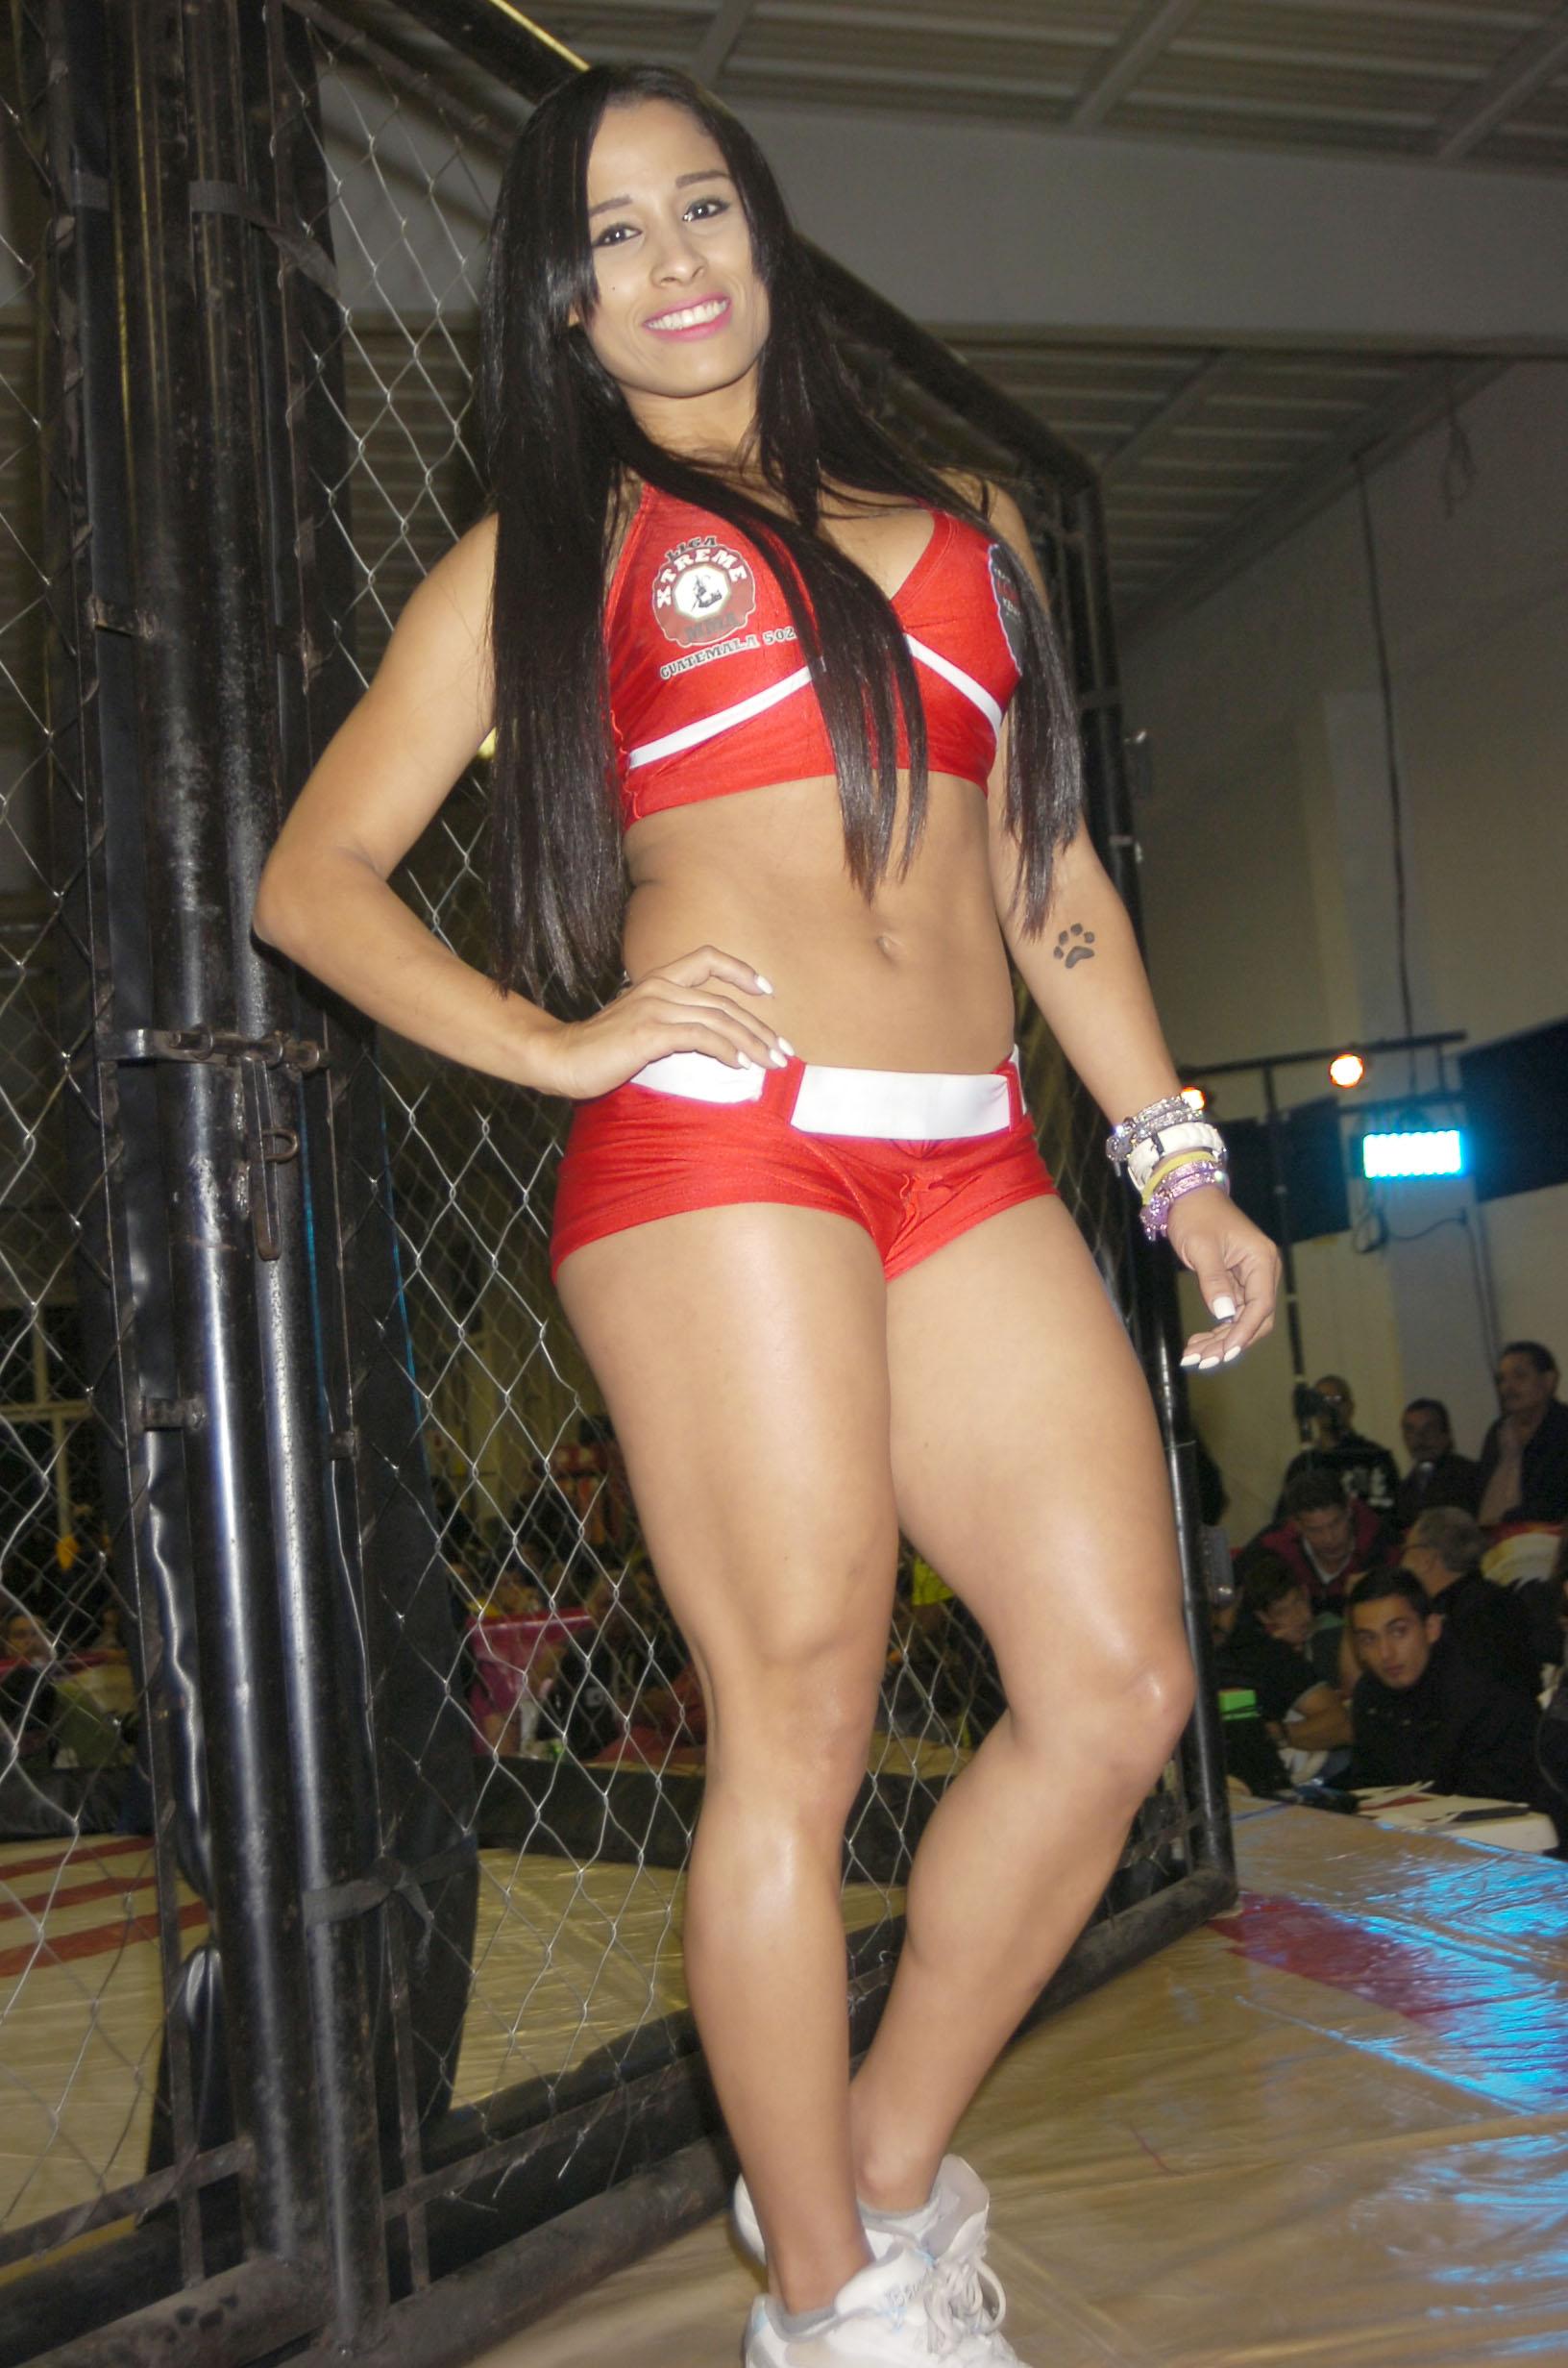 (((FOTOS))) @RenataArcanjo2, la Chica Combate, reaparece